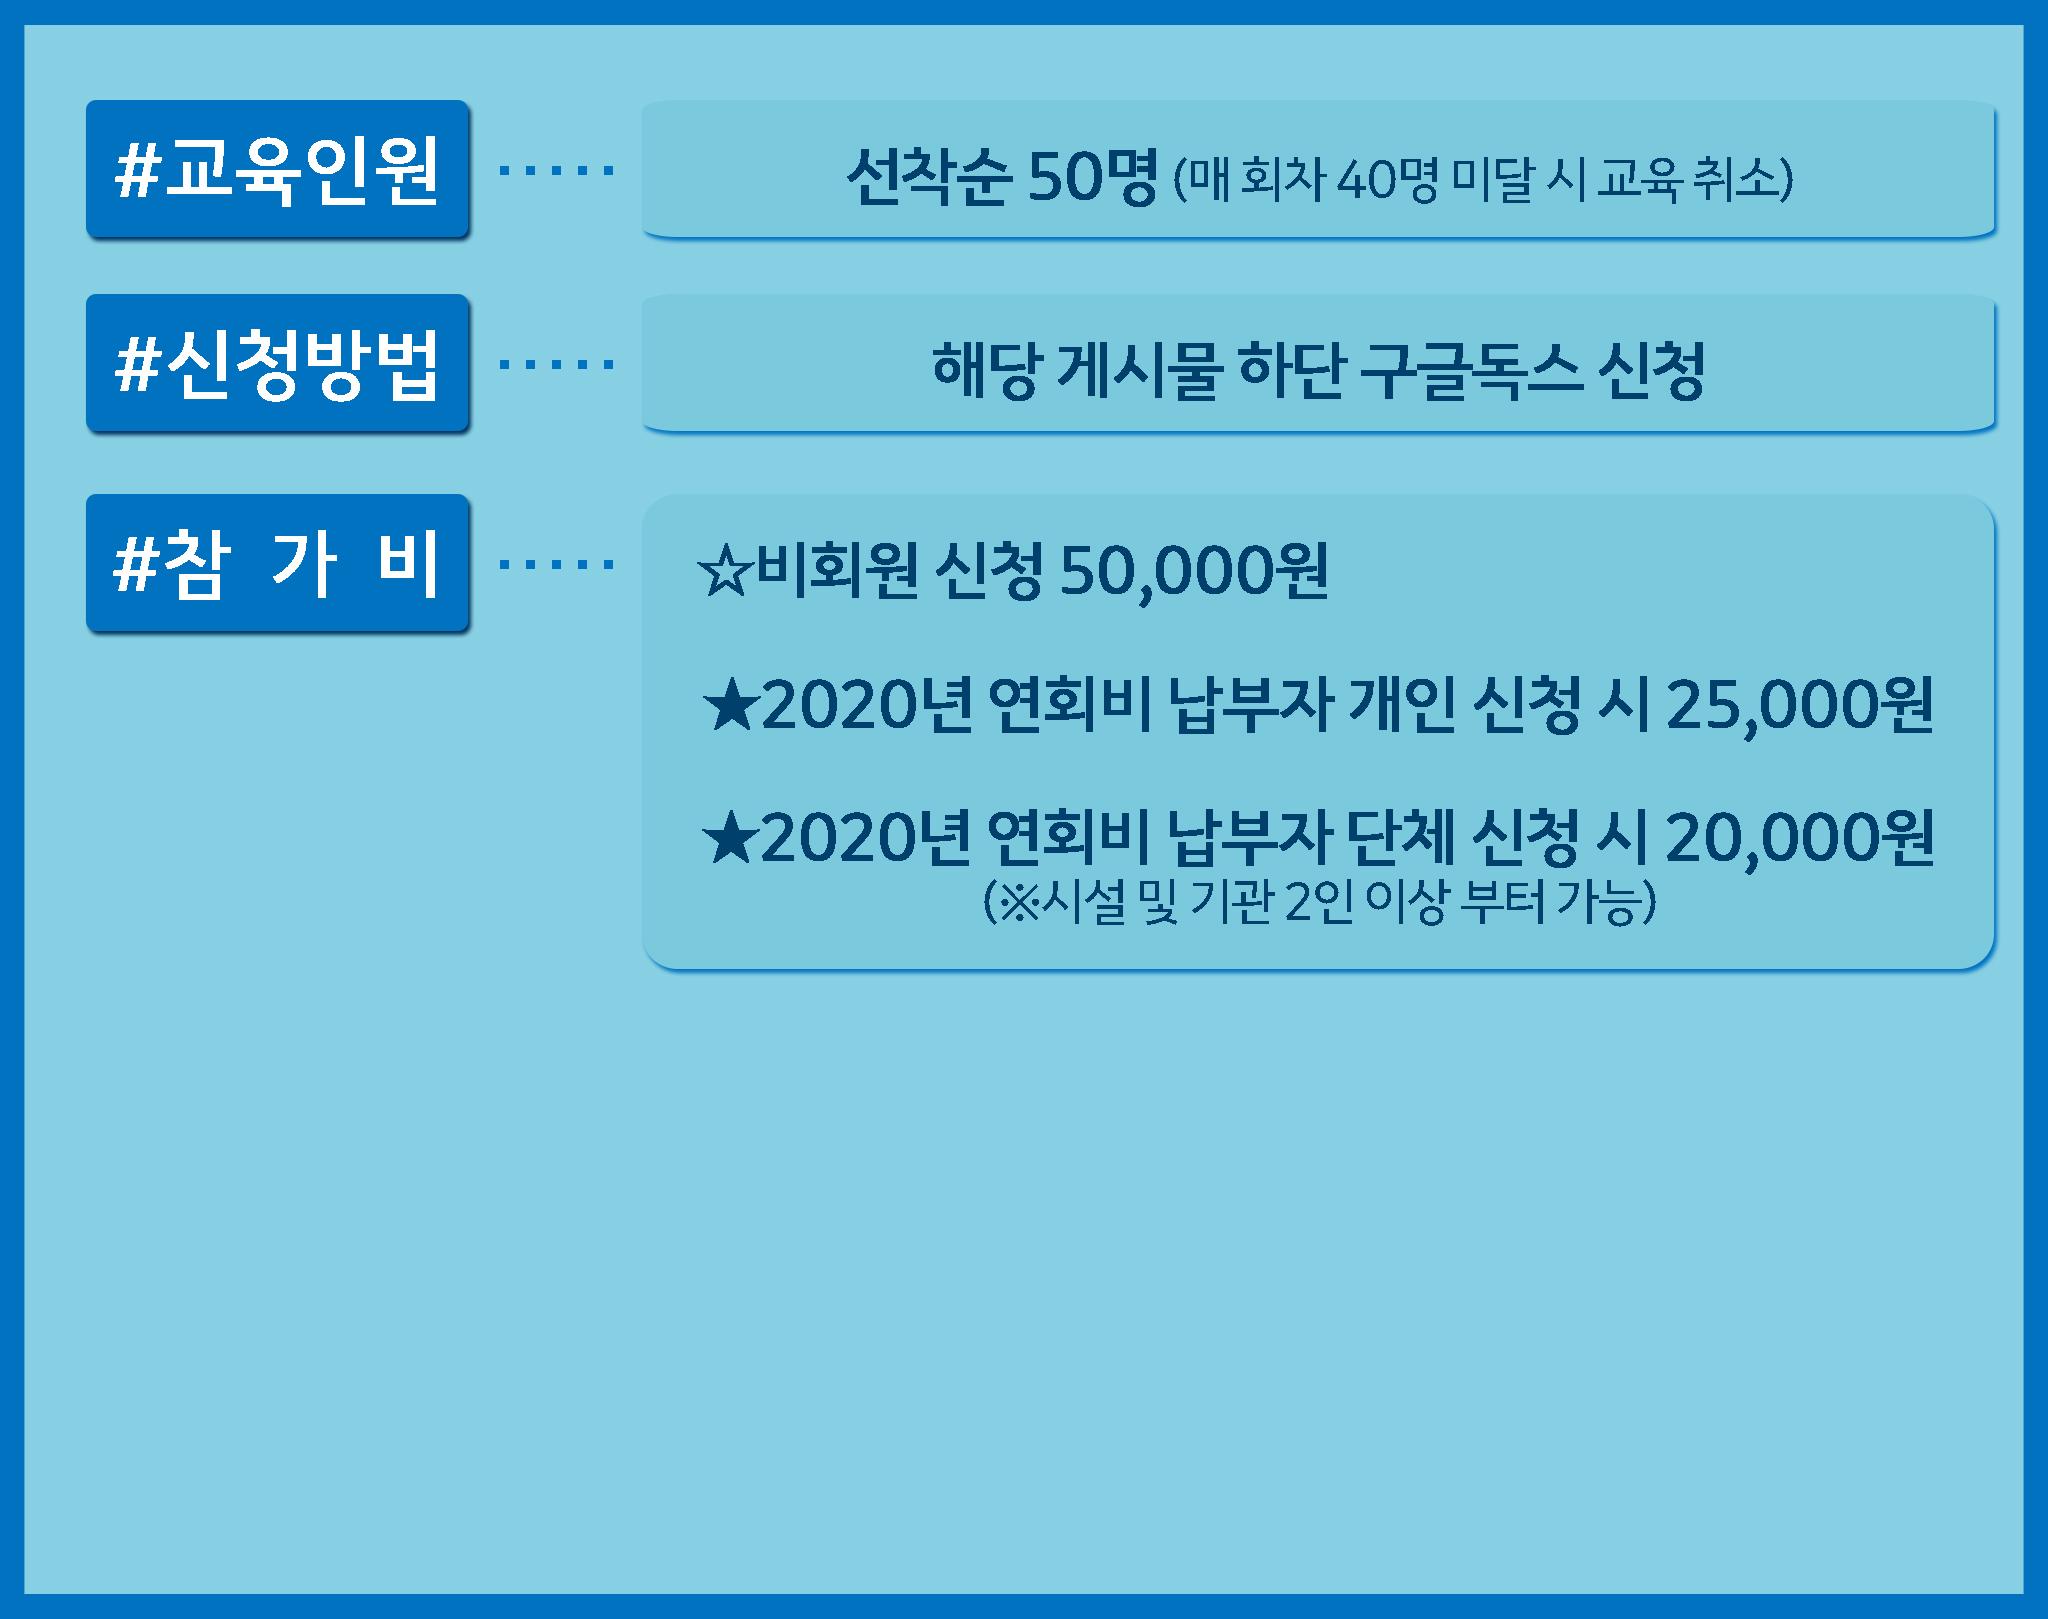 사회복지사 역량강화 온라인 교육 실시 안내-5.jpg